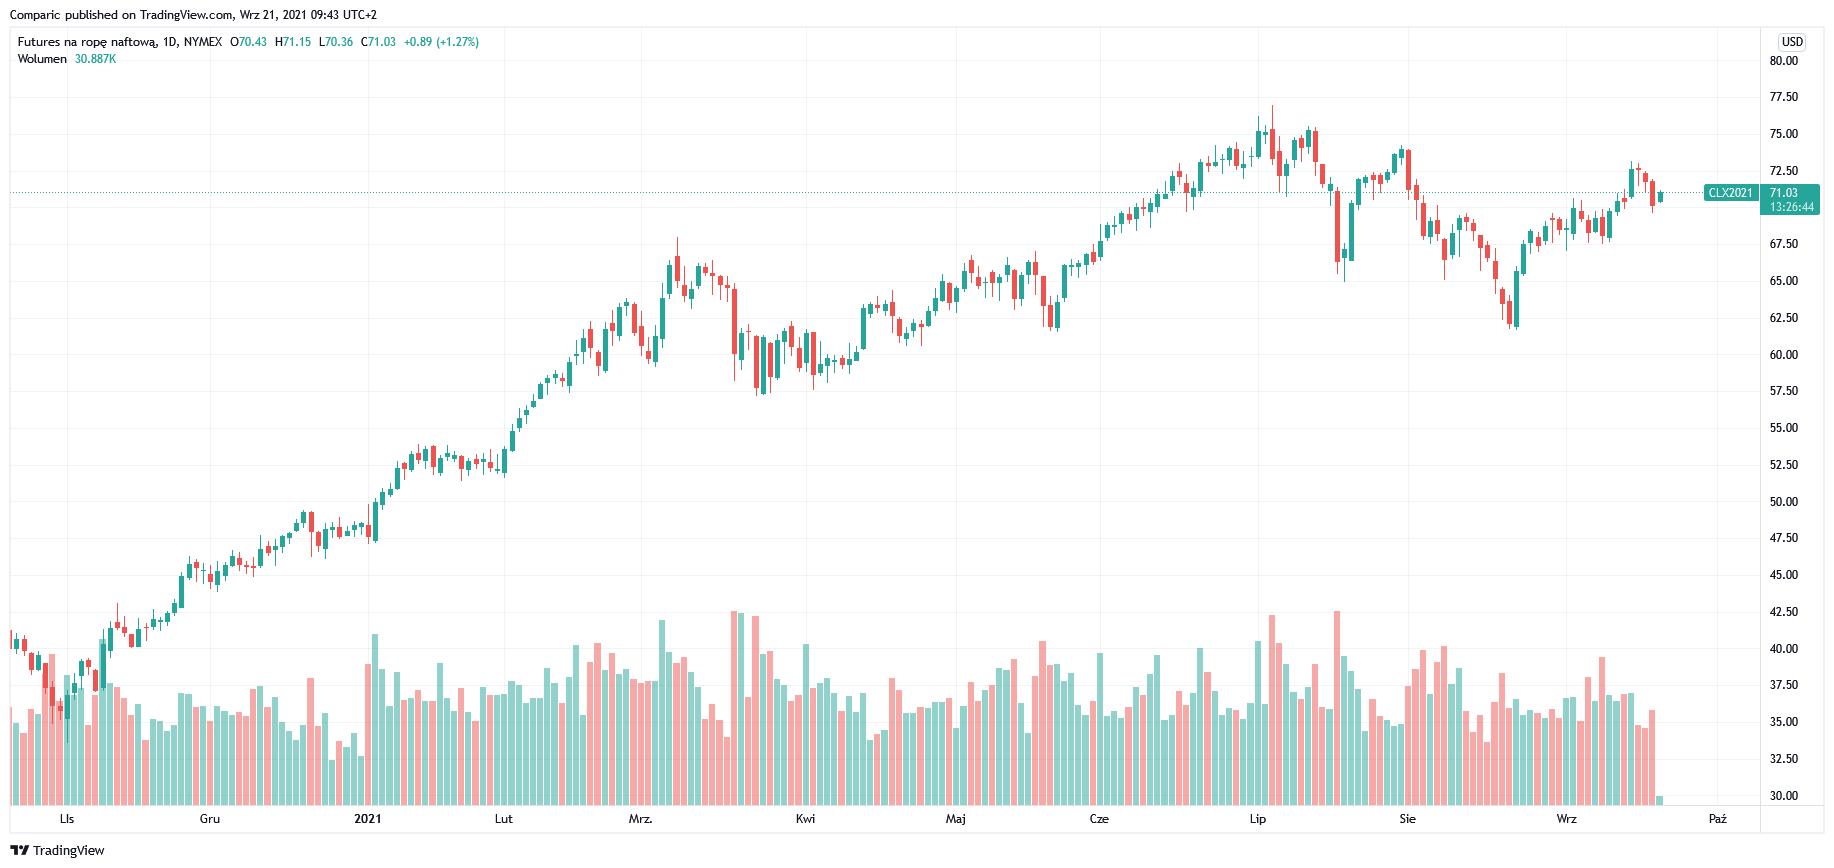 Cena ropy WTI w górę mimo niepewności rynkowej związanej z Evergrande